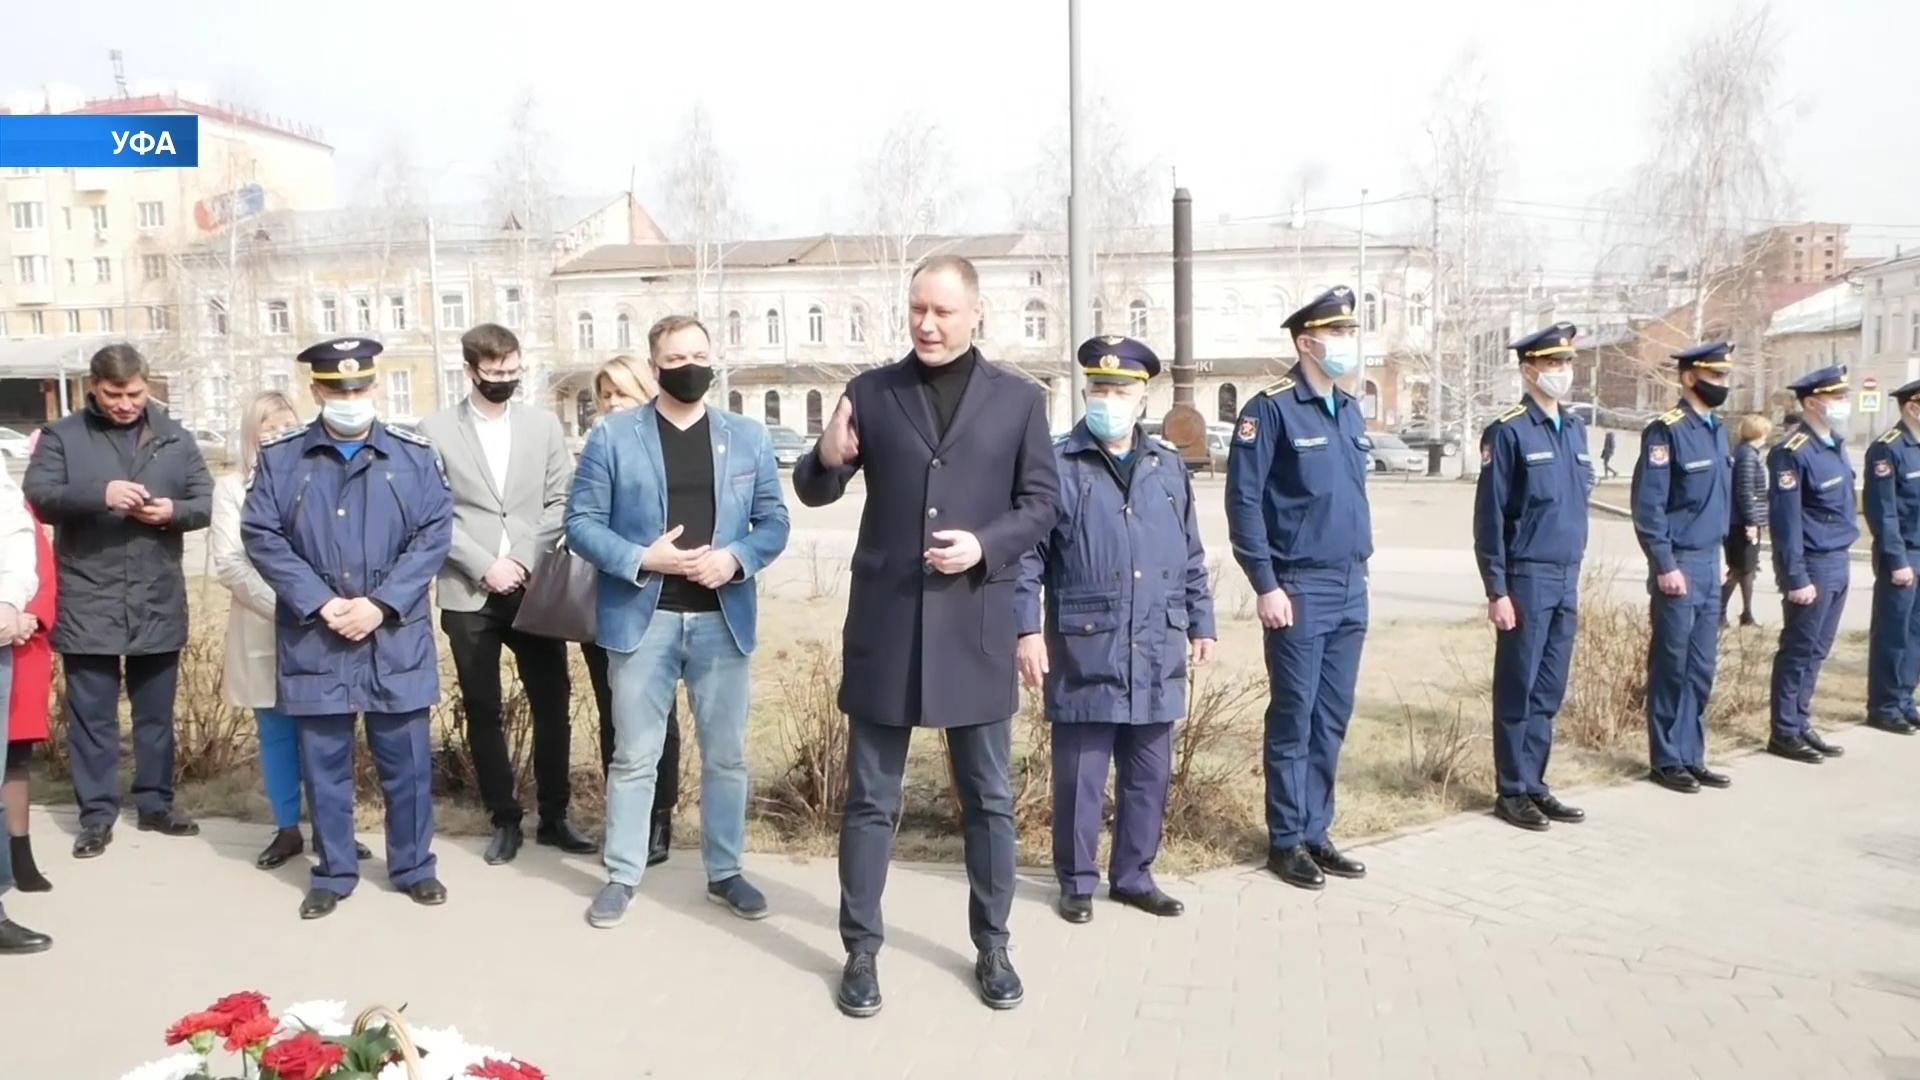 Фото №1 - Новая аллея и праздничный митинг: как в Башкирии отметили День космонавтики